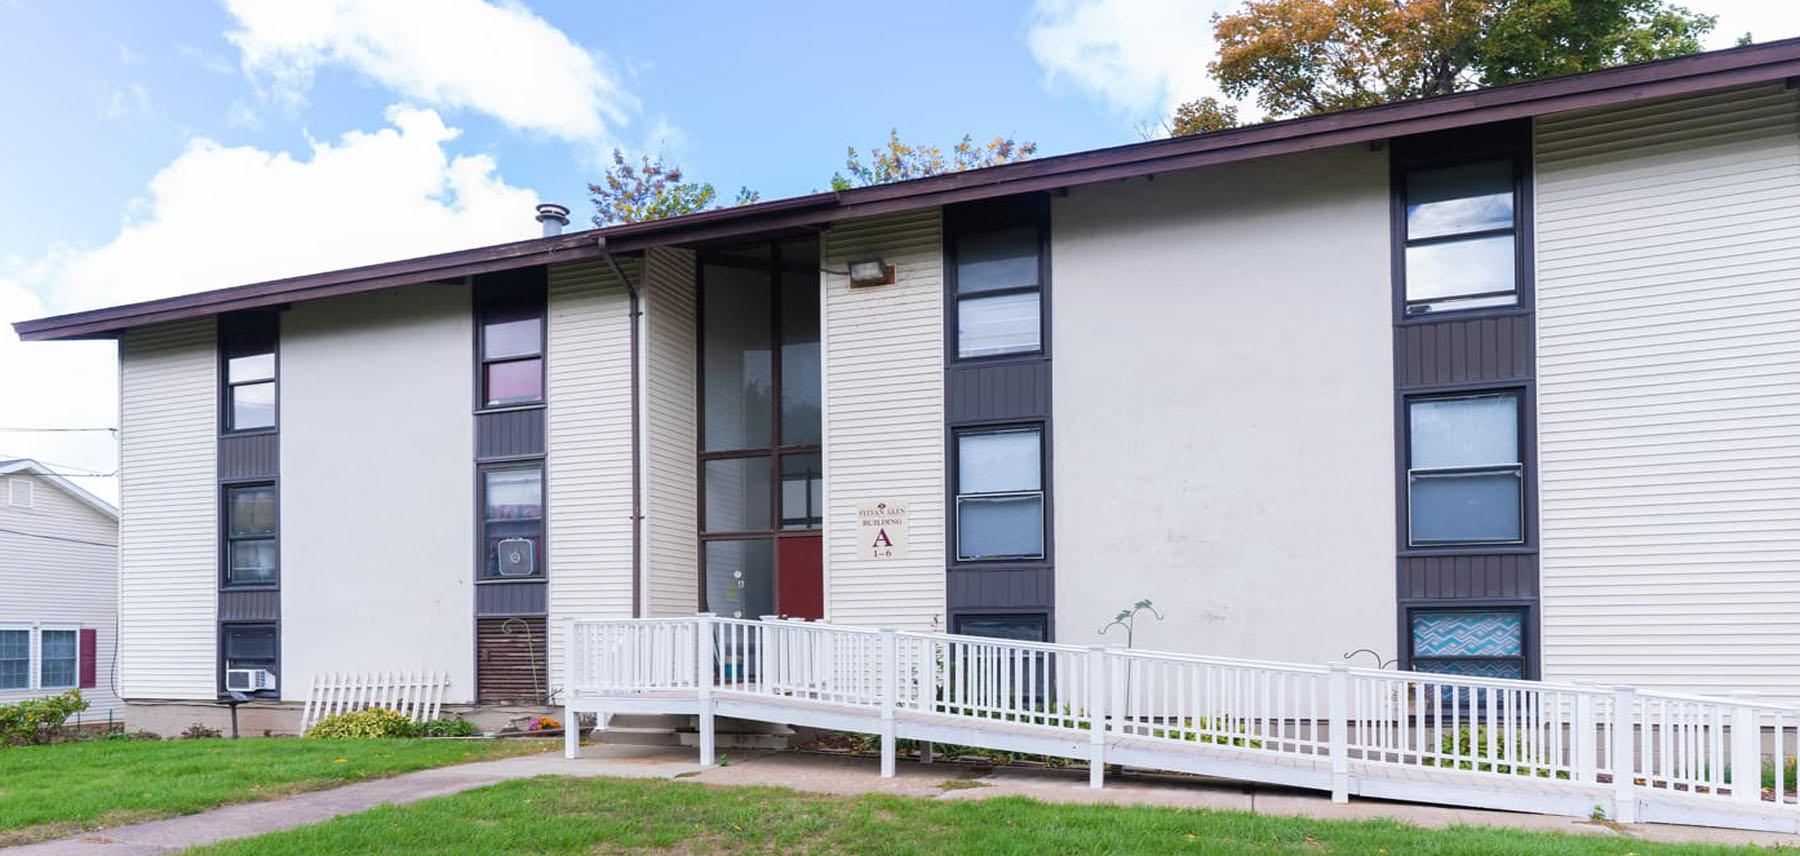 Sylvan Glen Apartments